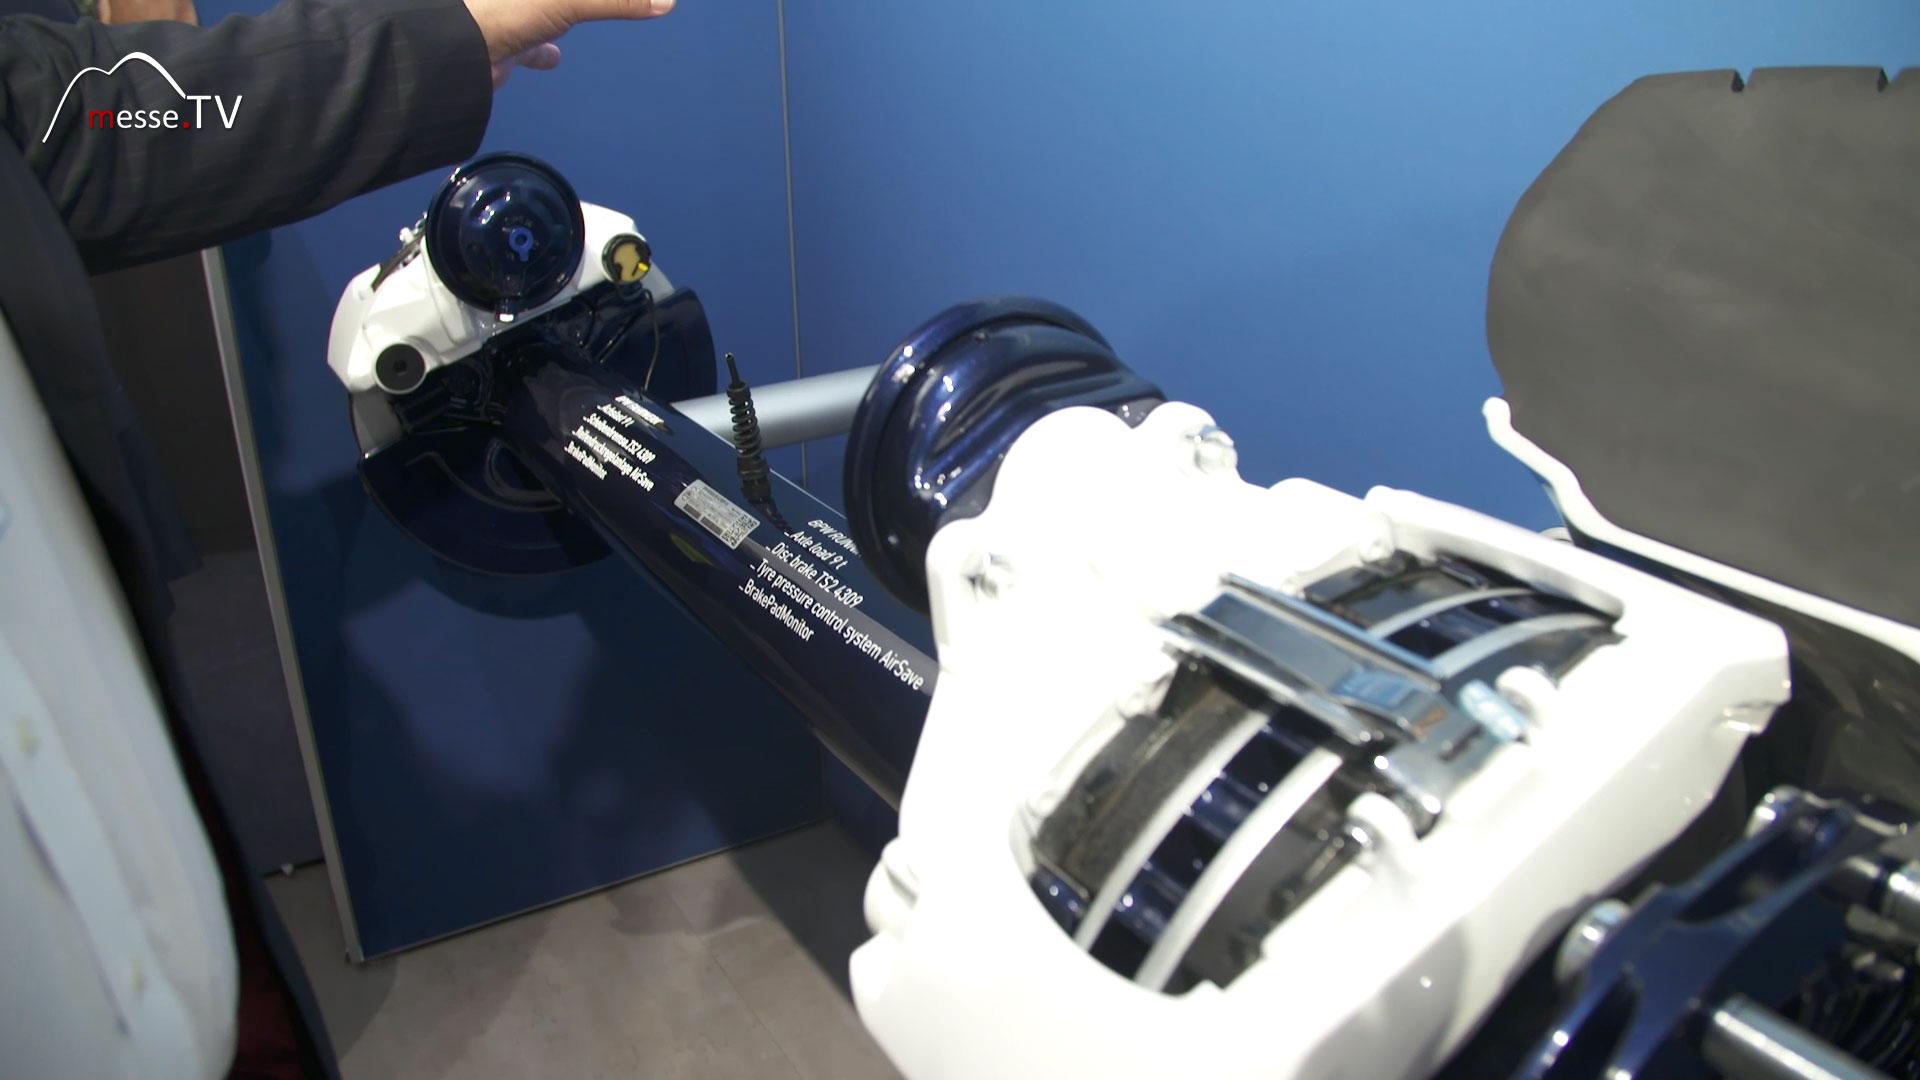 BPW AirSafe: Reifenregeldrucksystem mit Druckluftbehaelter des Trailers verbunden